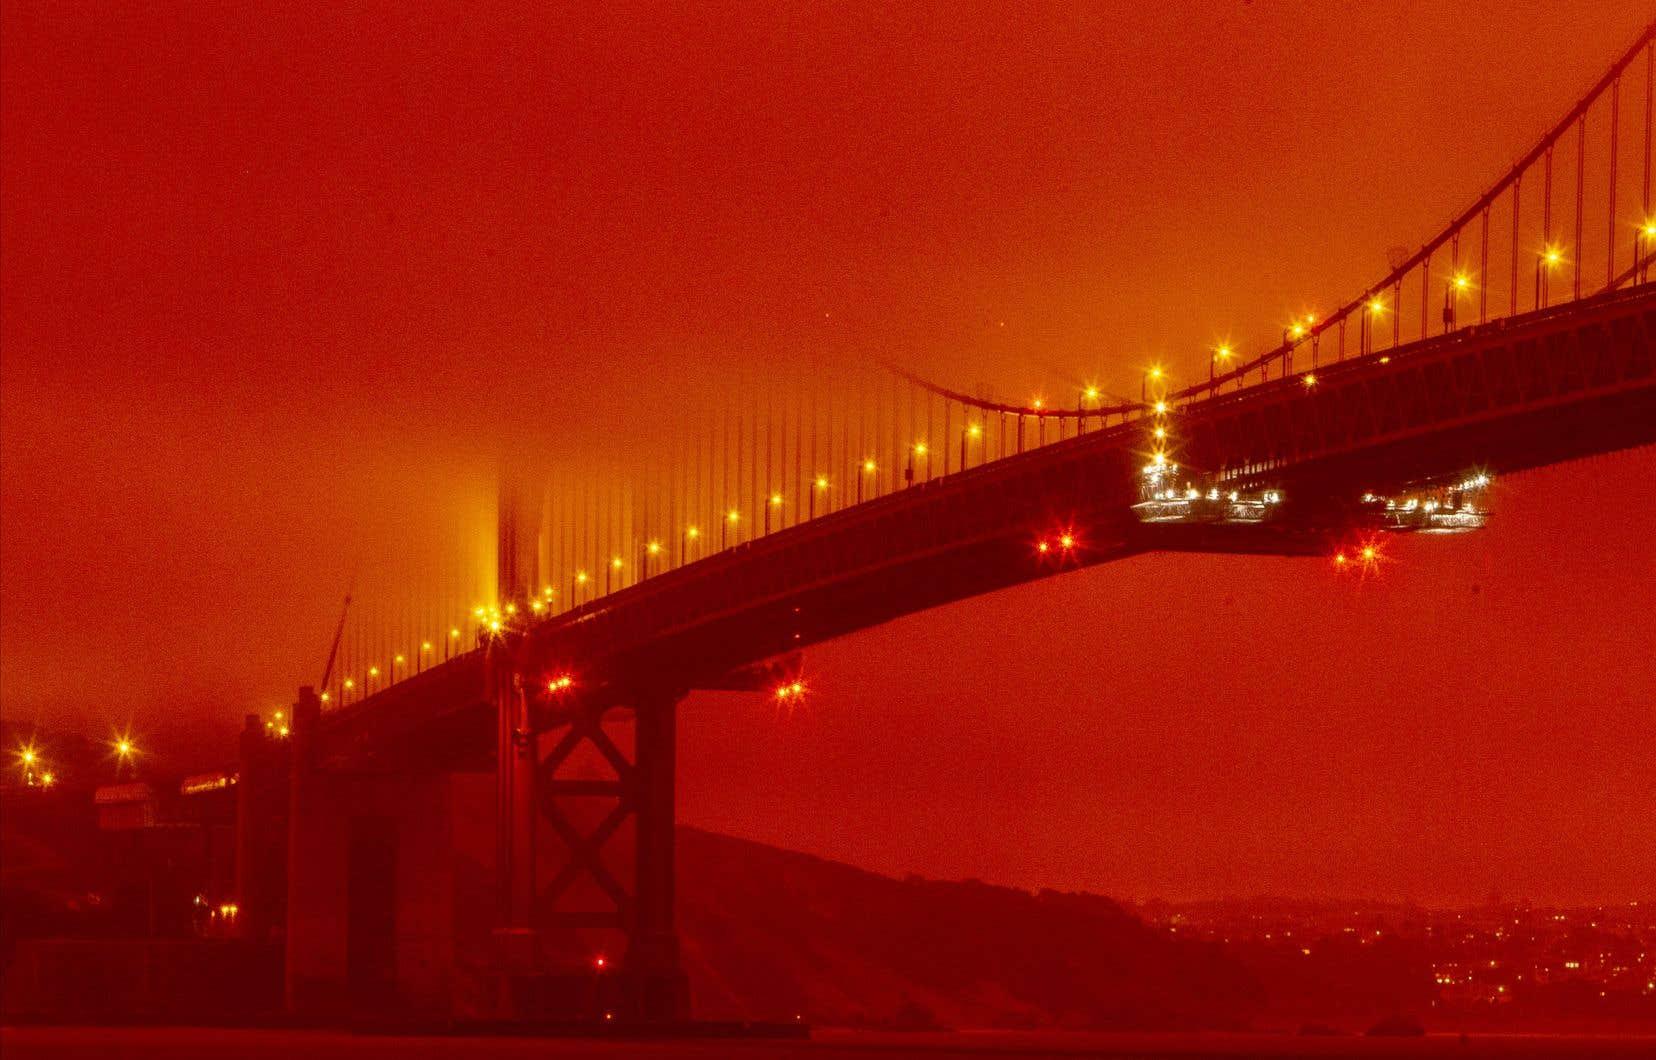 À l'instar du pont Golden Gate, San Francisco toute entière semblait plongée cette semaine dans l'ambiance étouffante du film d'anticipation «Blade Runner 2049», du cinéaste québécois Denis Villeneuve.